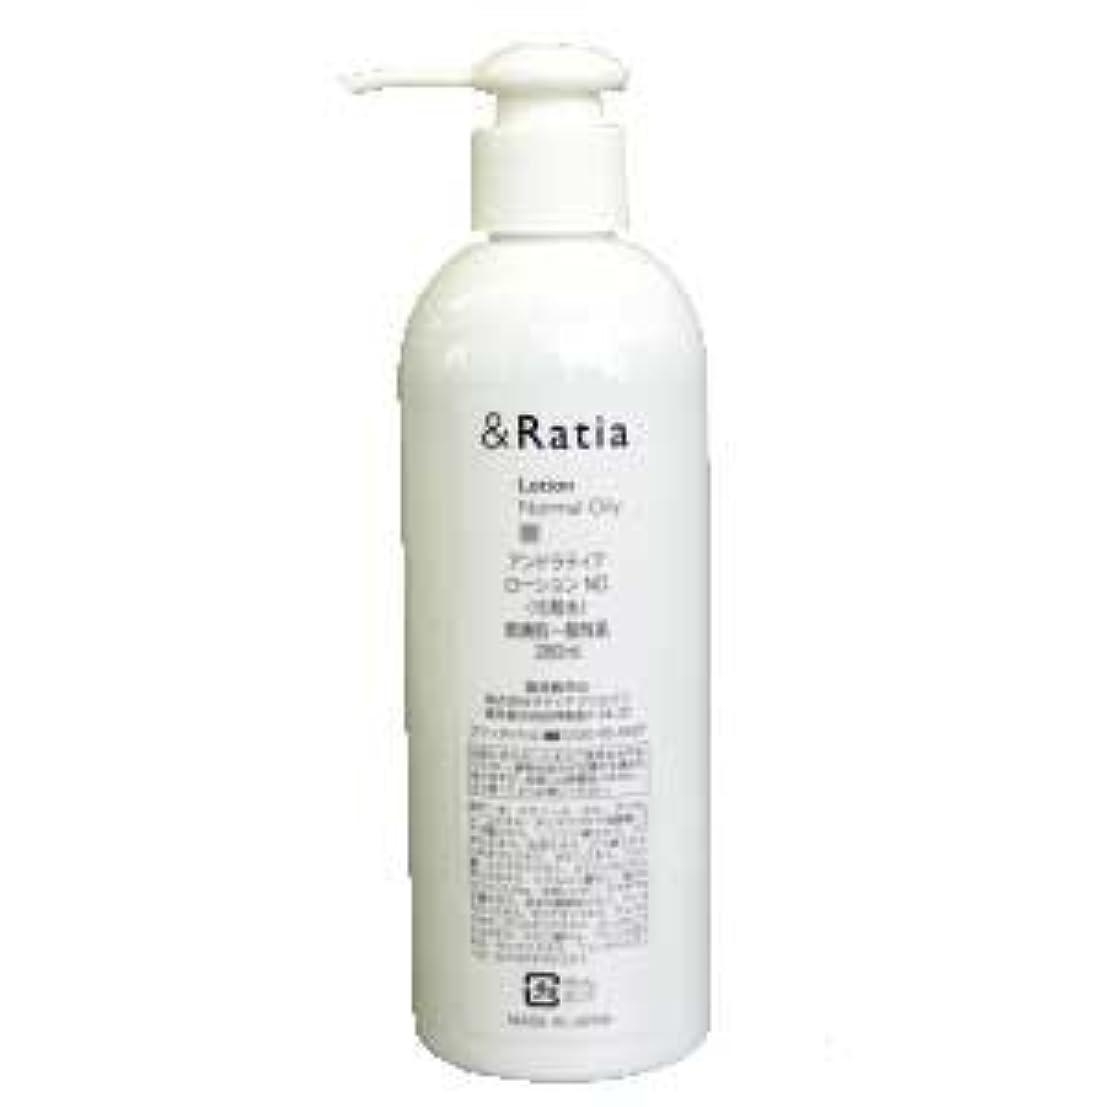 ストライク雷雨より多い&Ratia アンドラティア  ローションNO【普通肌~脂性肌】業務用 ARSG011 280ml [cosme]